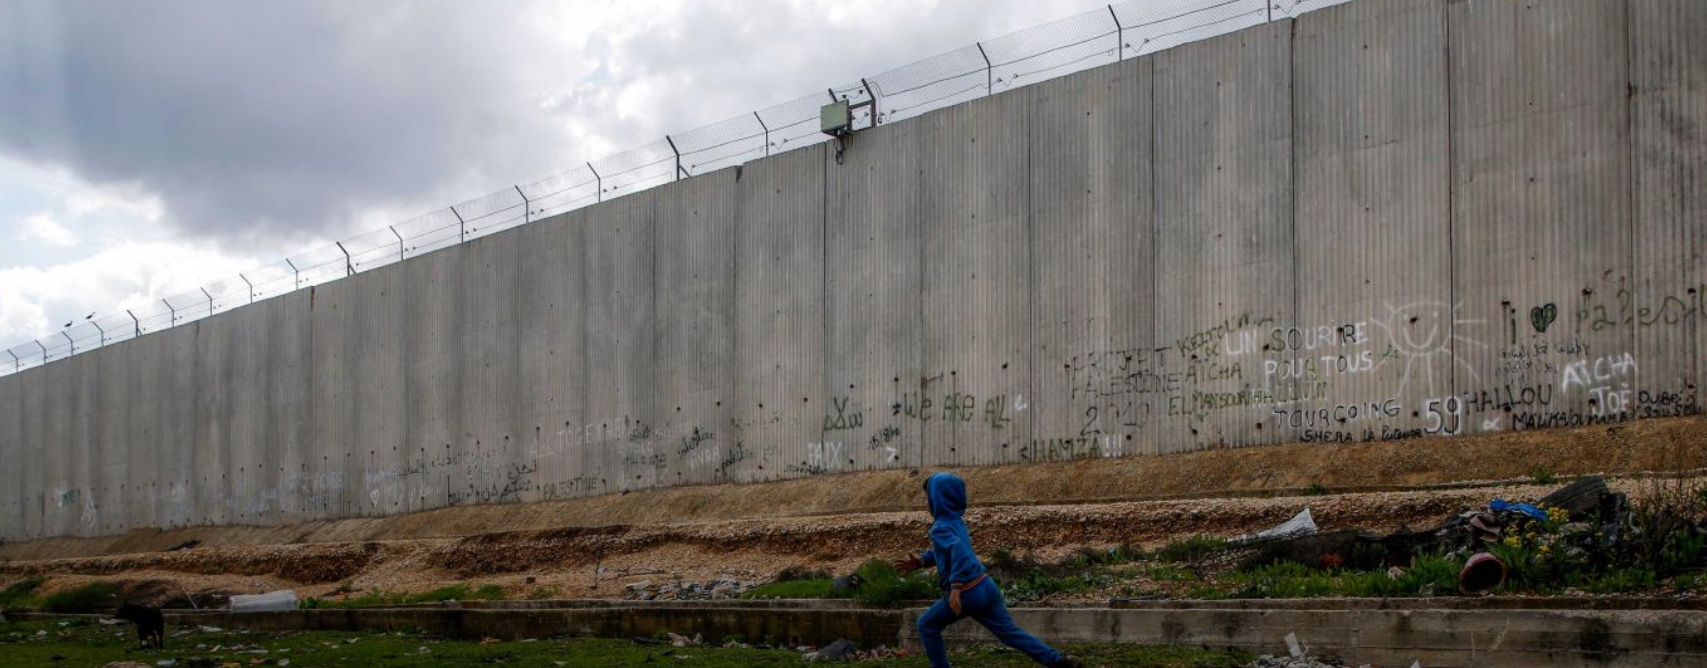 La valla de seguridad israelí, como se la ilustra convenientemente en la portada del informe. Human Rights Watch.